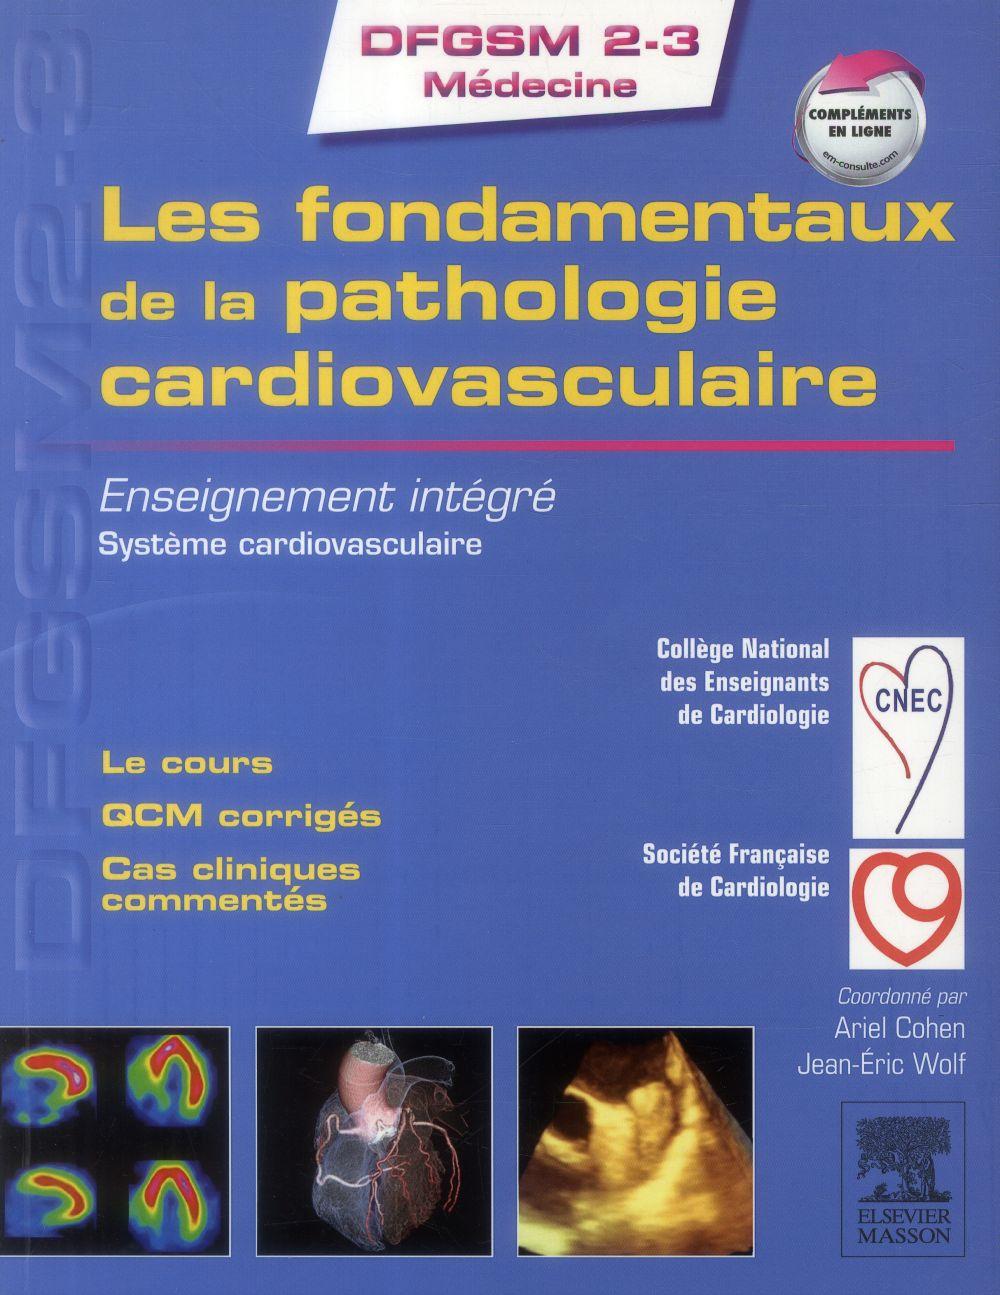 Les fondamentaux de la pathologie cardio-vasculaire